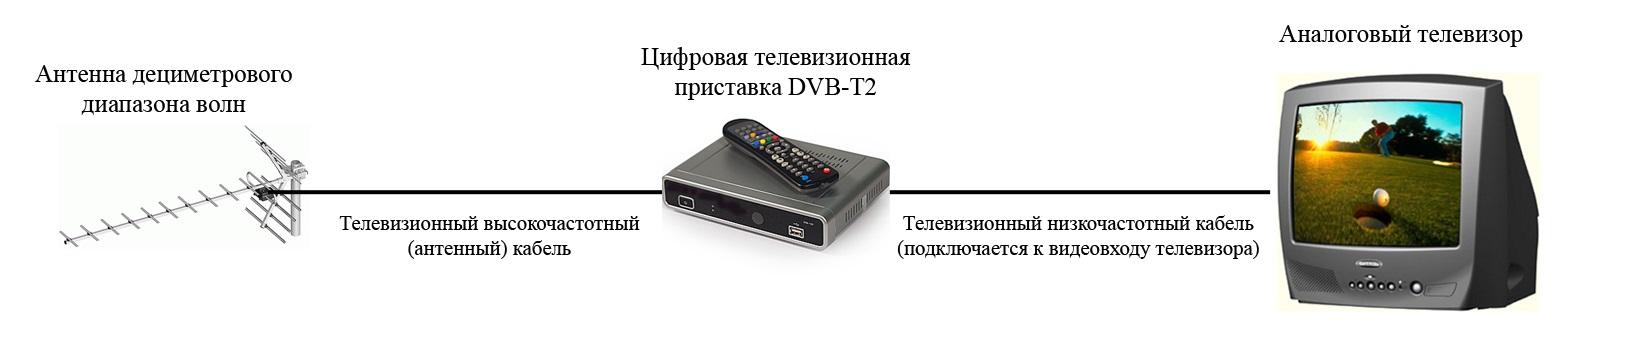 Трансляция видео с компьютера на телевизор в Windows Media